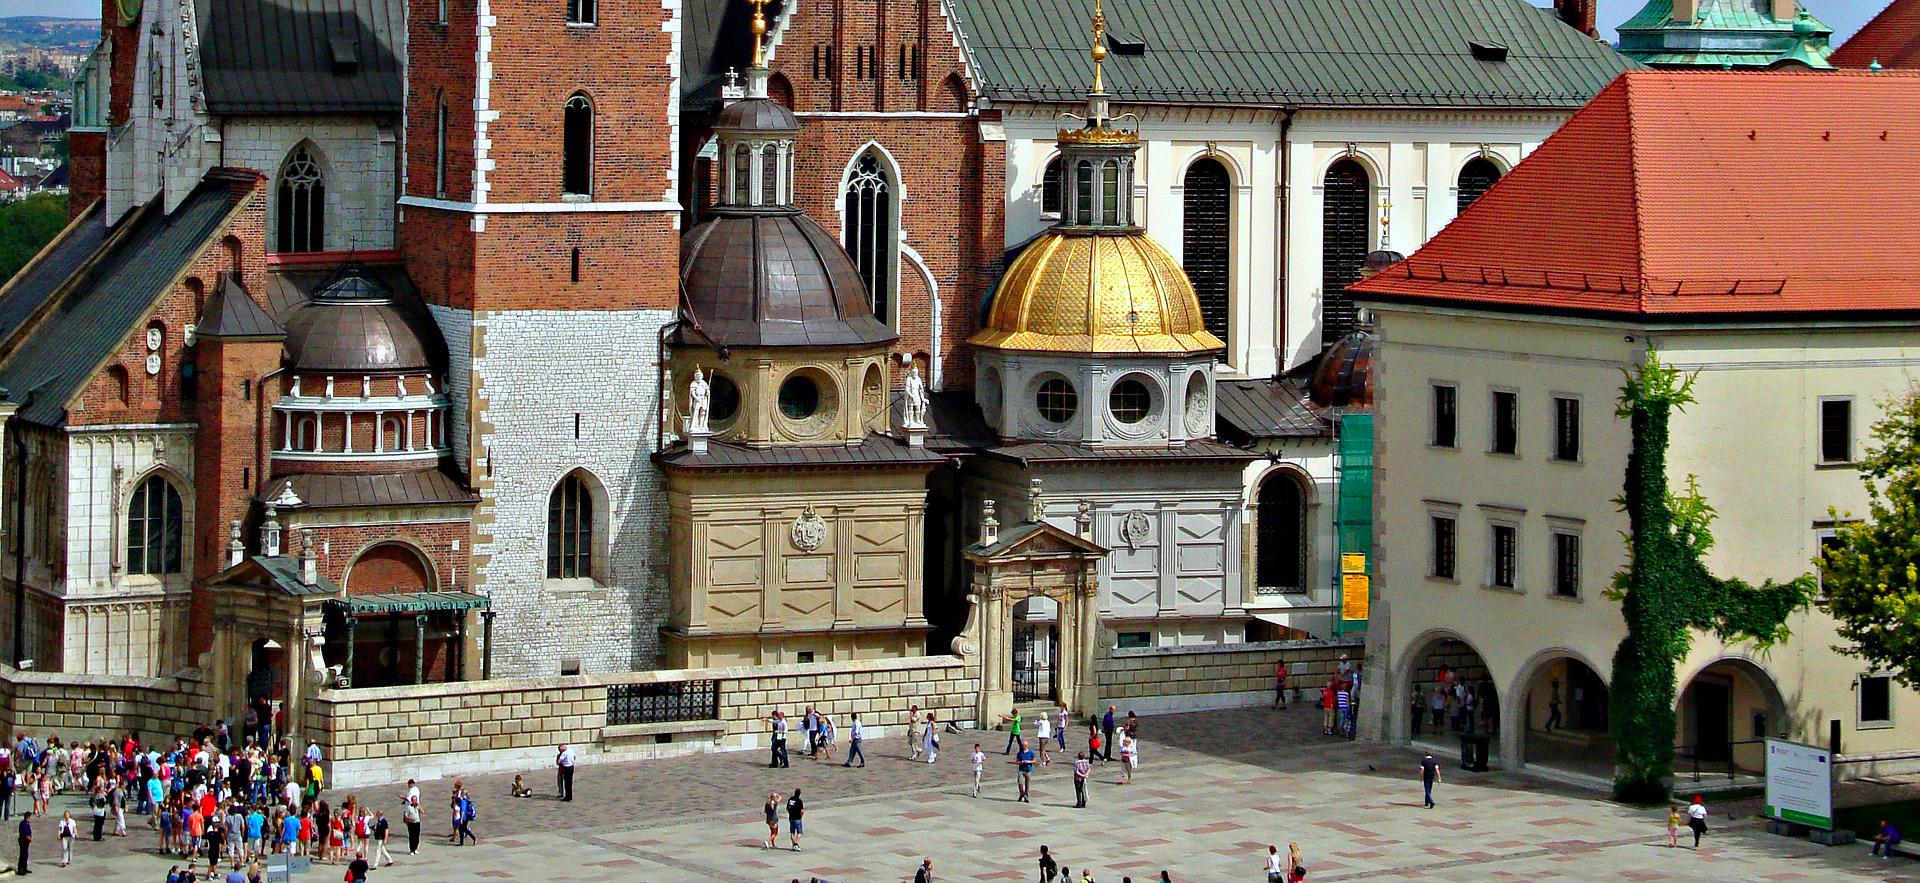 Qué ver en Cracovia, Krakow, Polonia, Poland qué ver en cracovia - 25591721147 e4e9cf4391 o - Qué ver en Cracovia, Polonia